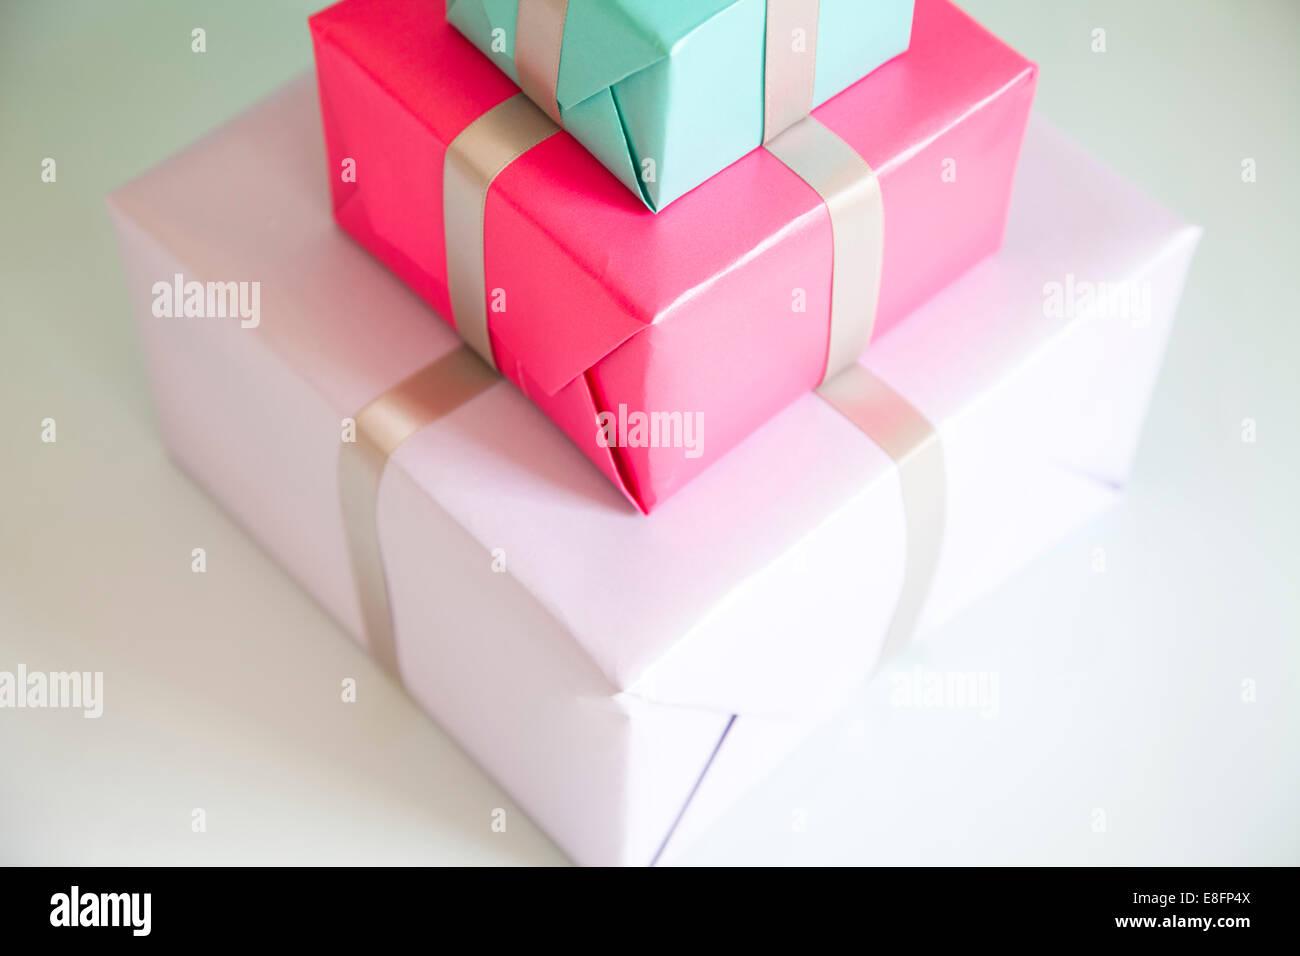 Una pila de tres regalos envueltos Imagen De Stock